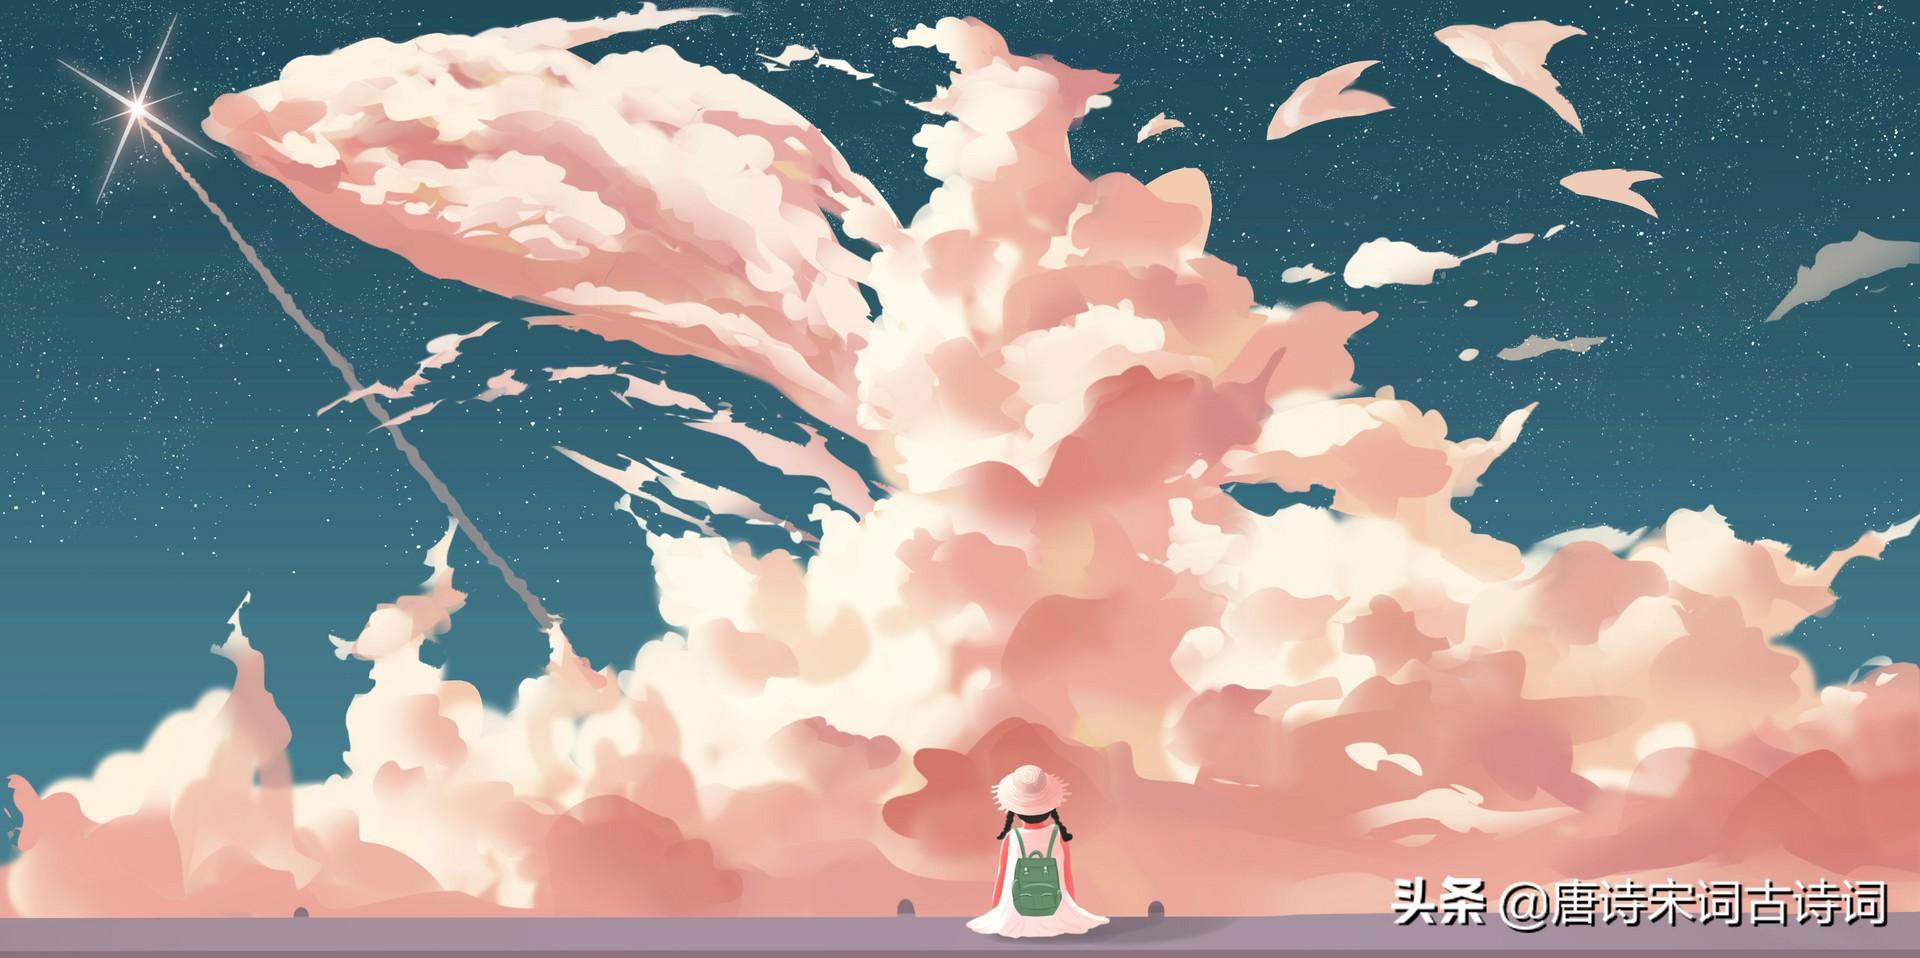 美哭,那些唐诗中描写秋天的诗句-第4张图片-诗句网